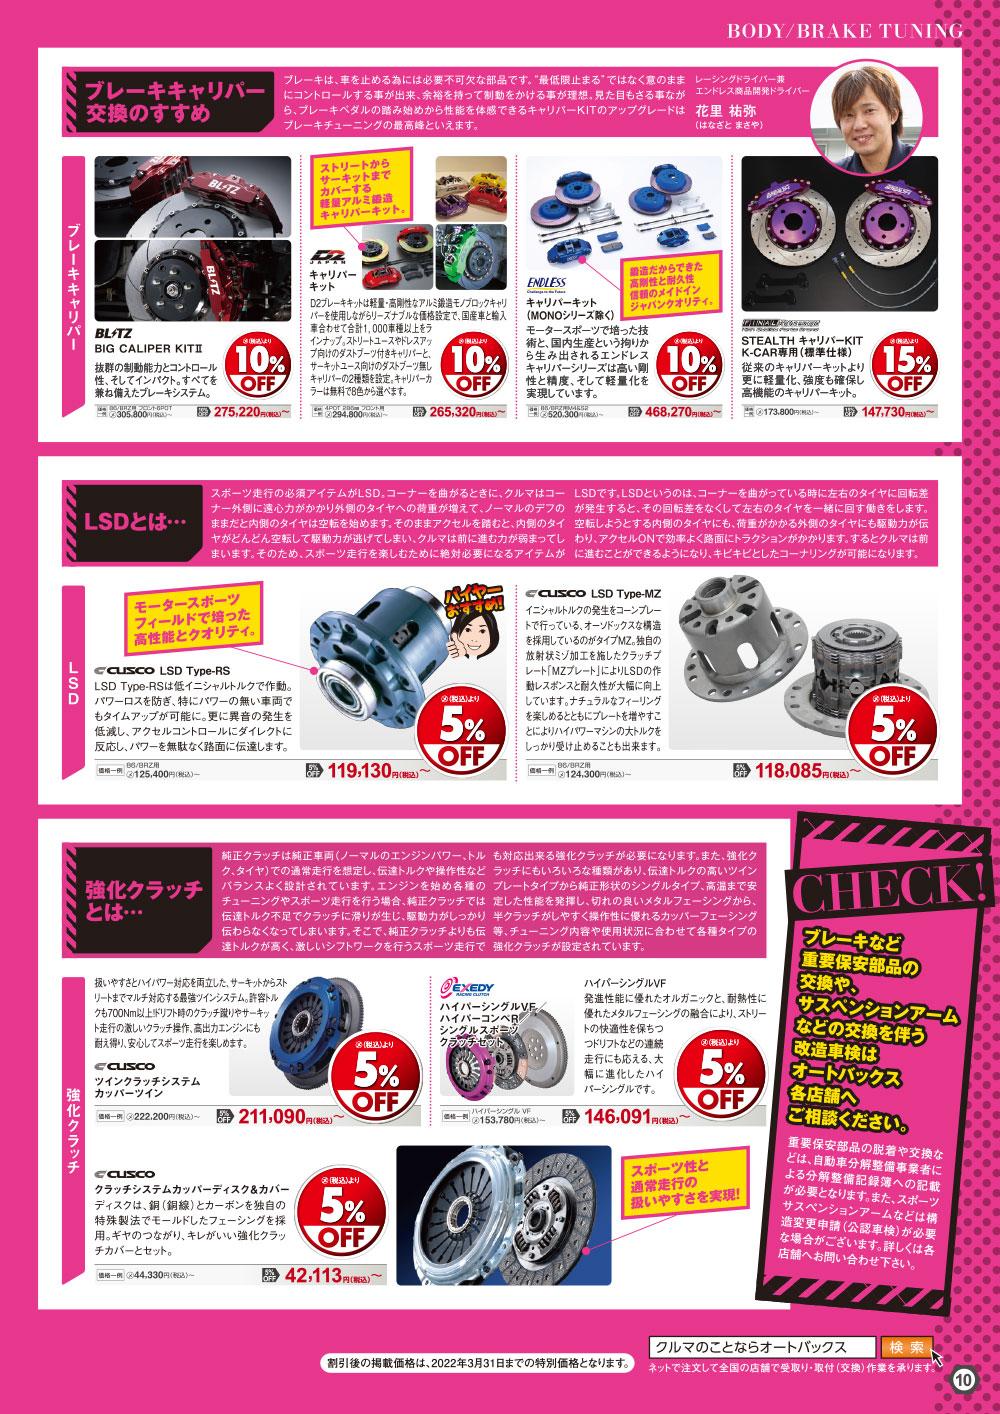 オートバックス_ヒートアップキャンペーン_ボディ/ブレーキ/駆動系チューニング